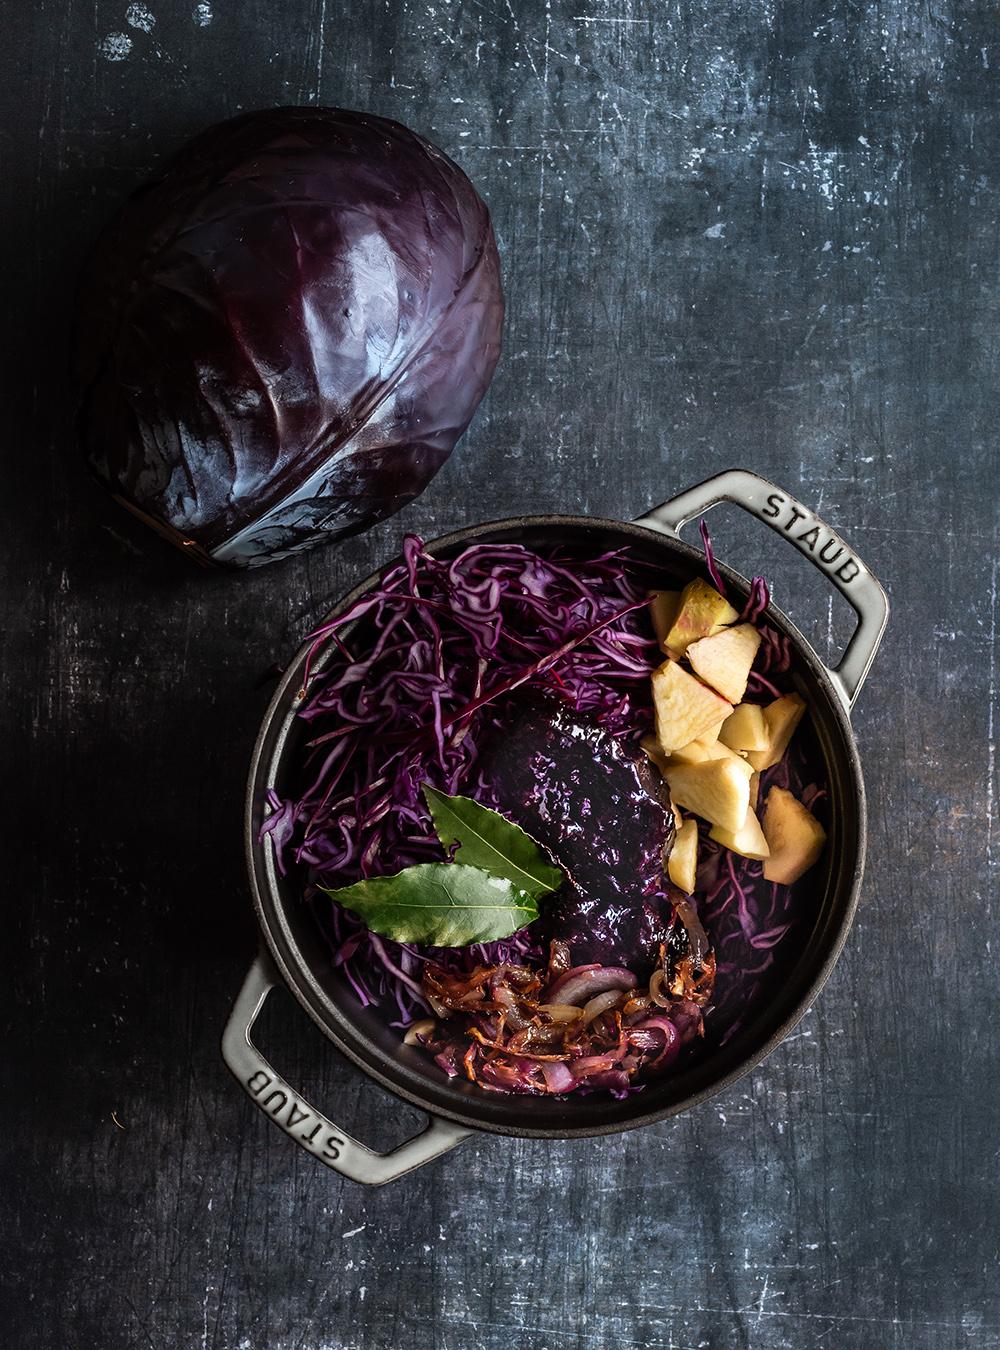 Rotkohl & Rouladen - beides gemeinsam im Ofen gegart